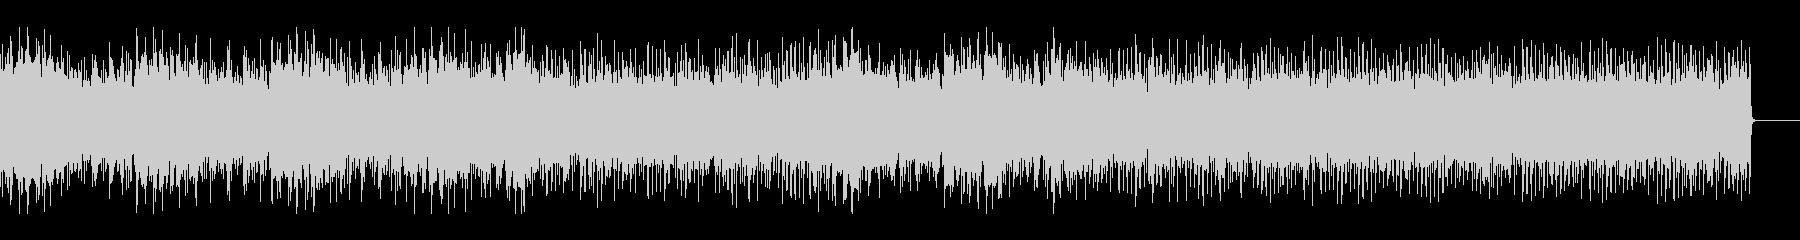 アコースティックセンチメンタル#26-2の未再生の波形